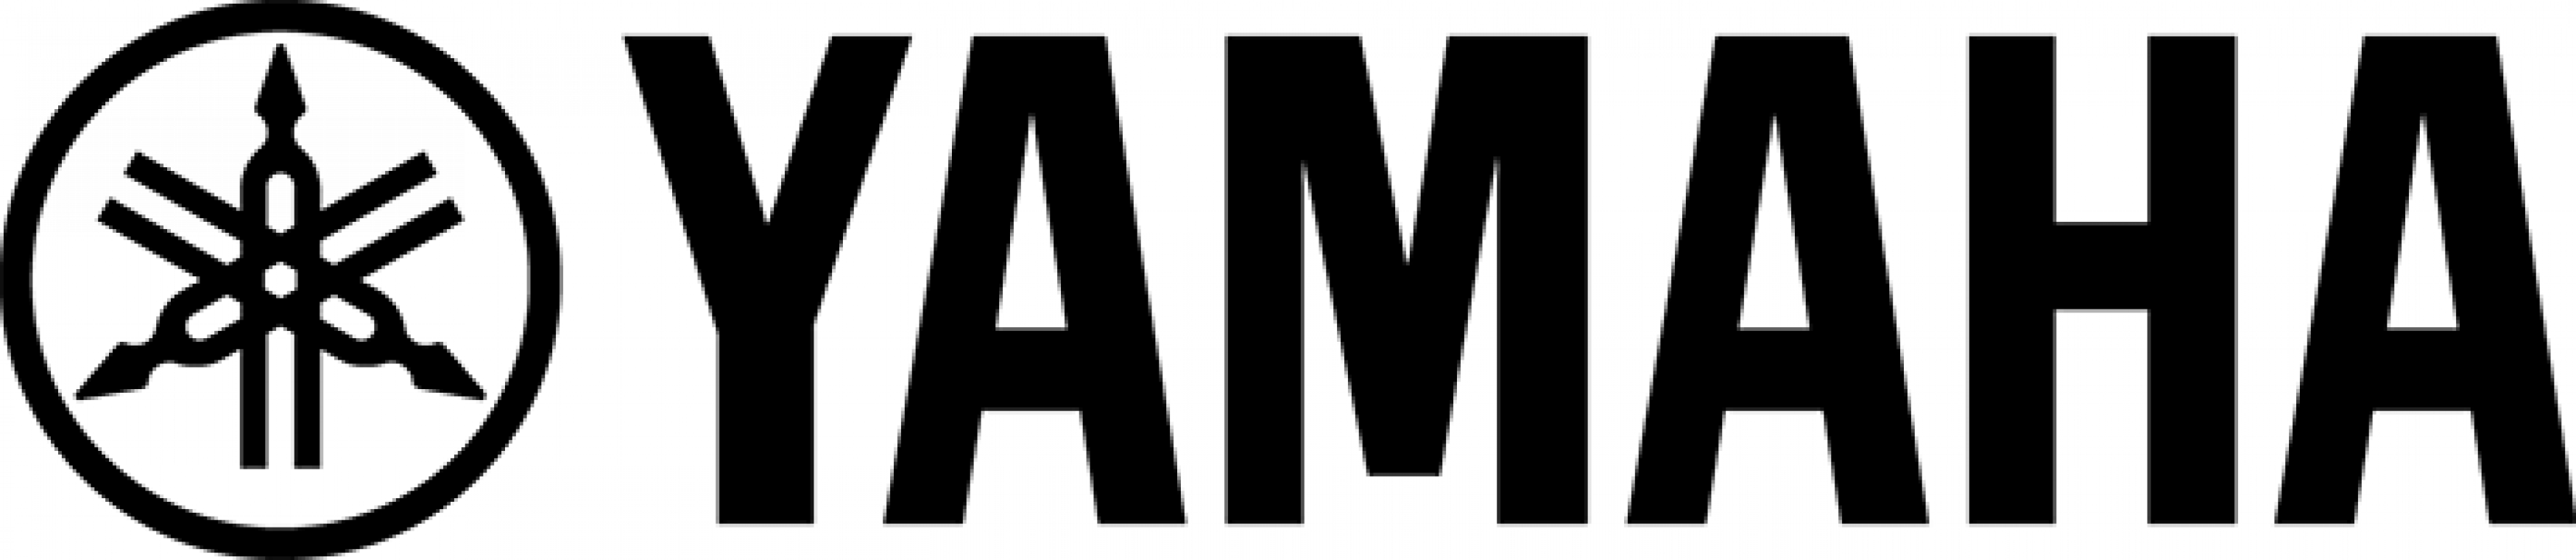 yamaha_logo.png